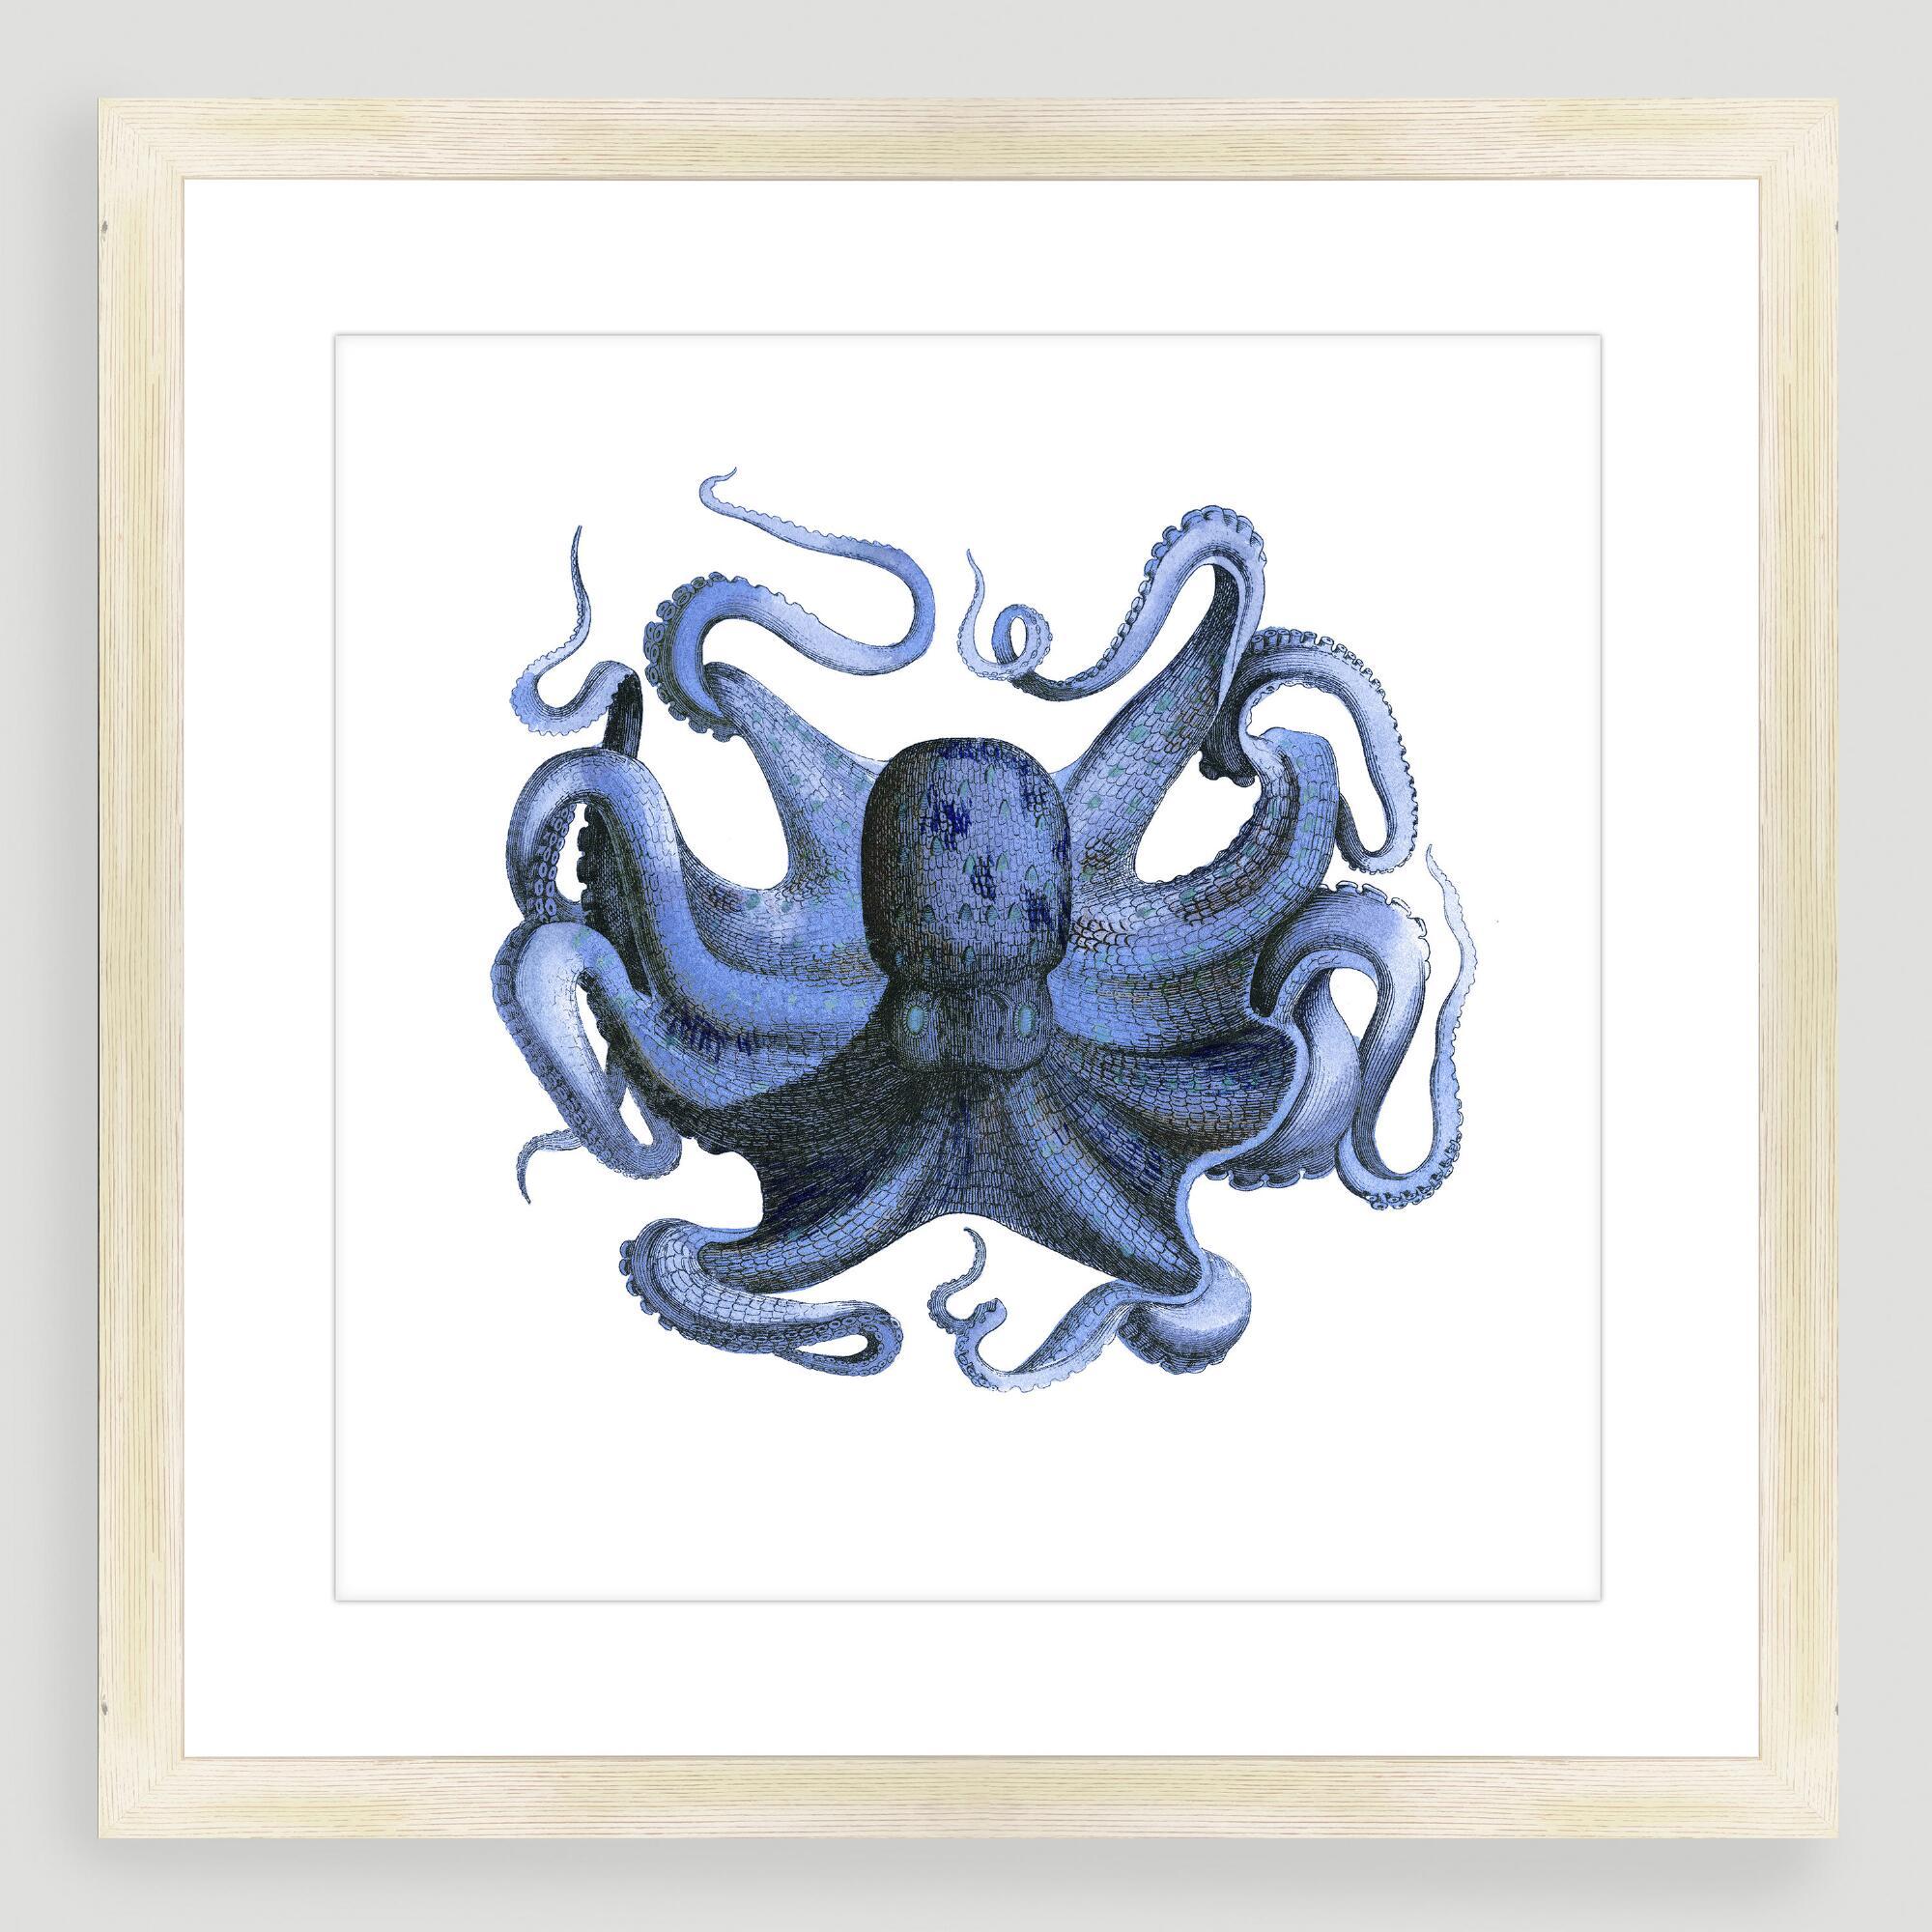 Vintage-Style Octopus Sea Life Wall Art | World Market